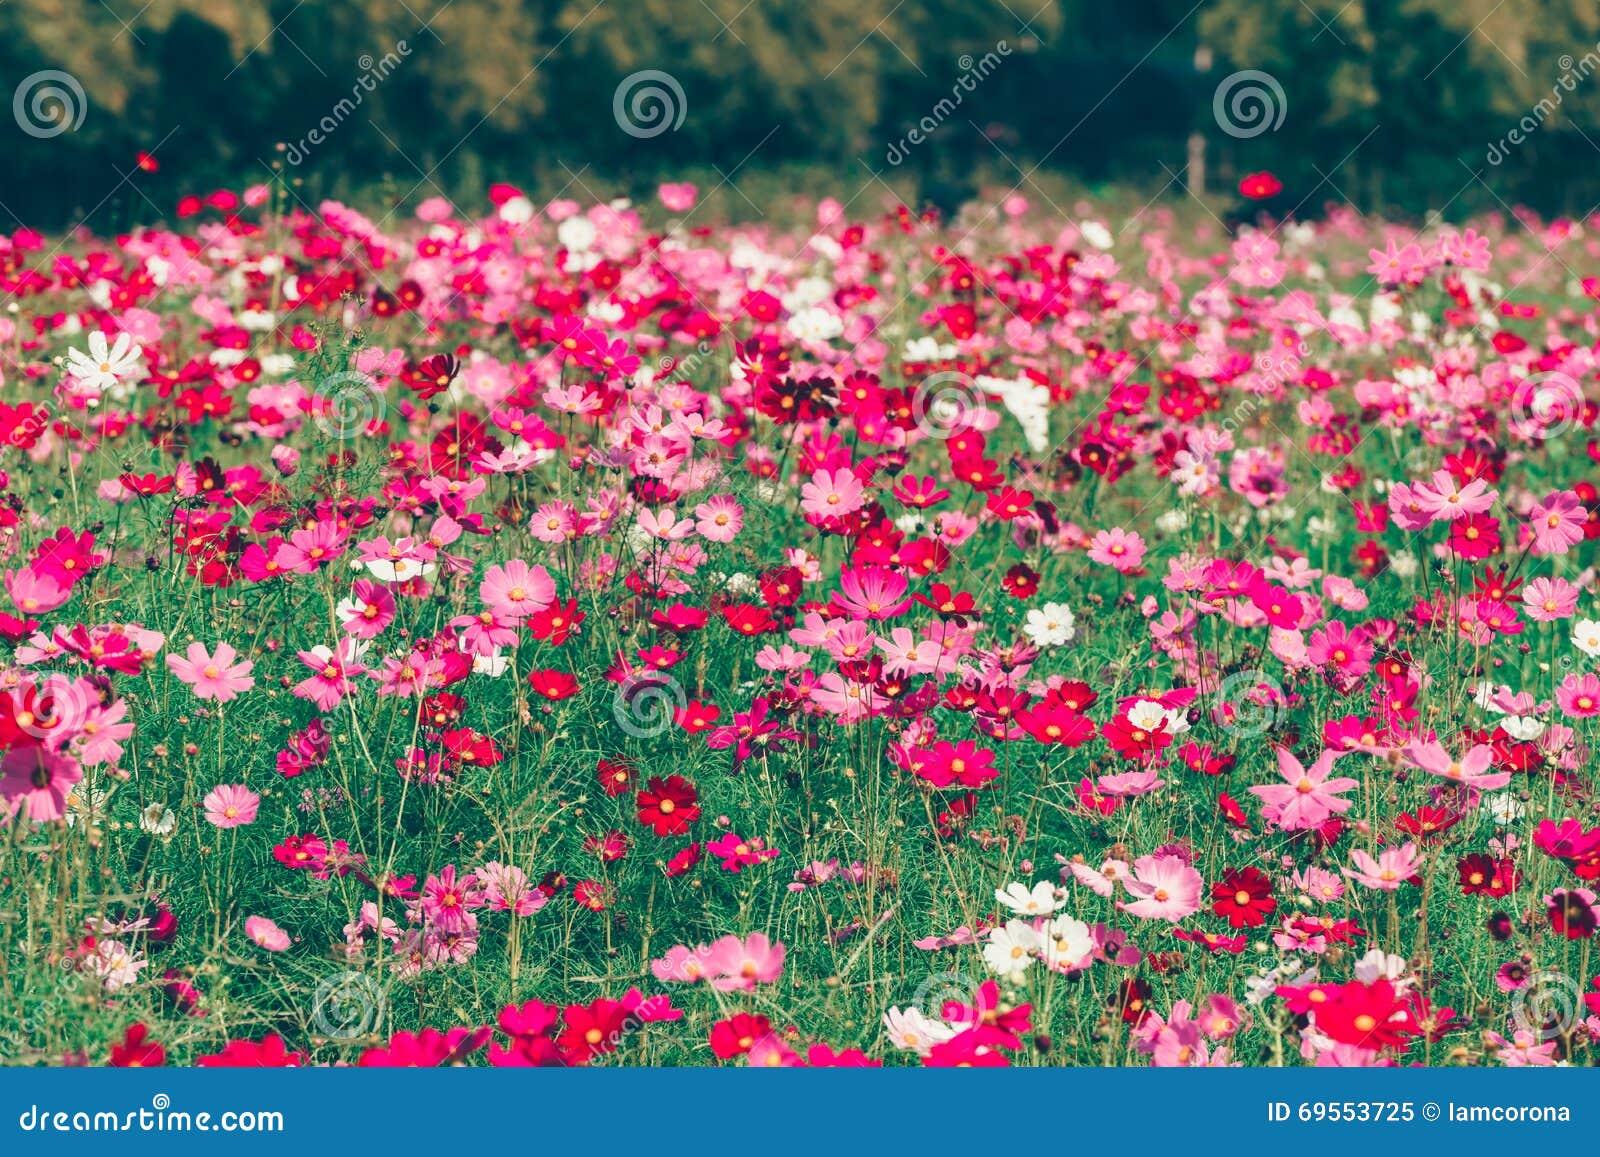 Jardin de fleurs rose et rouge de cosmos image stock for Fleurs des jardins